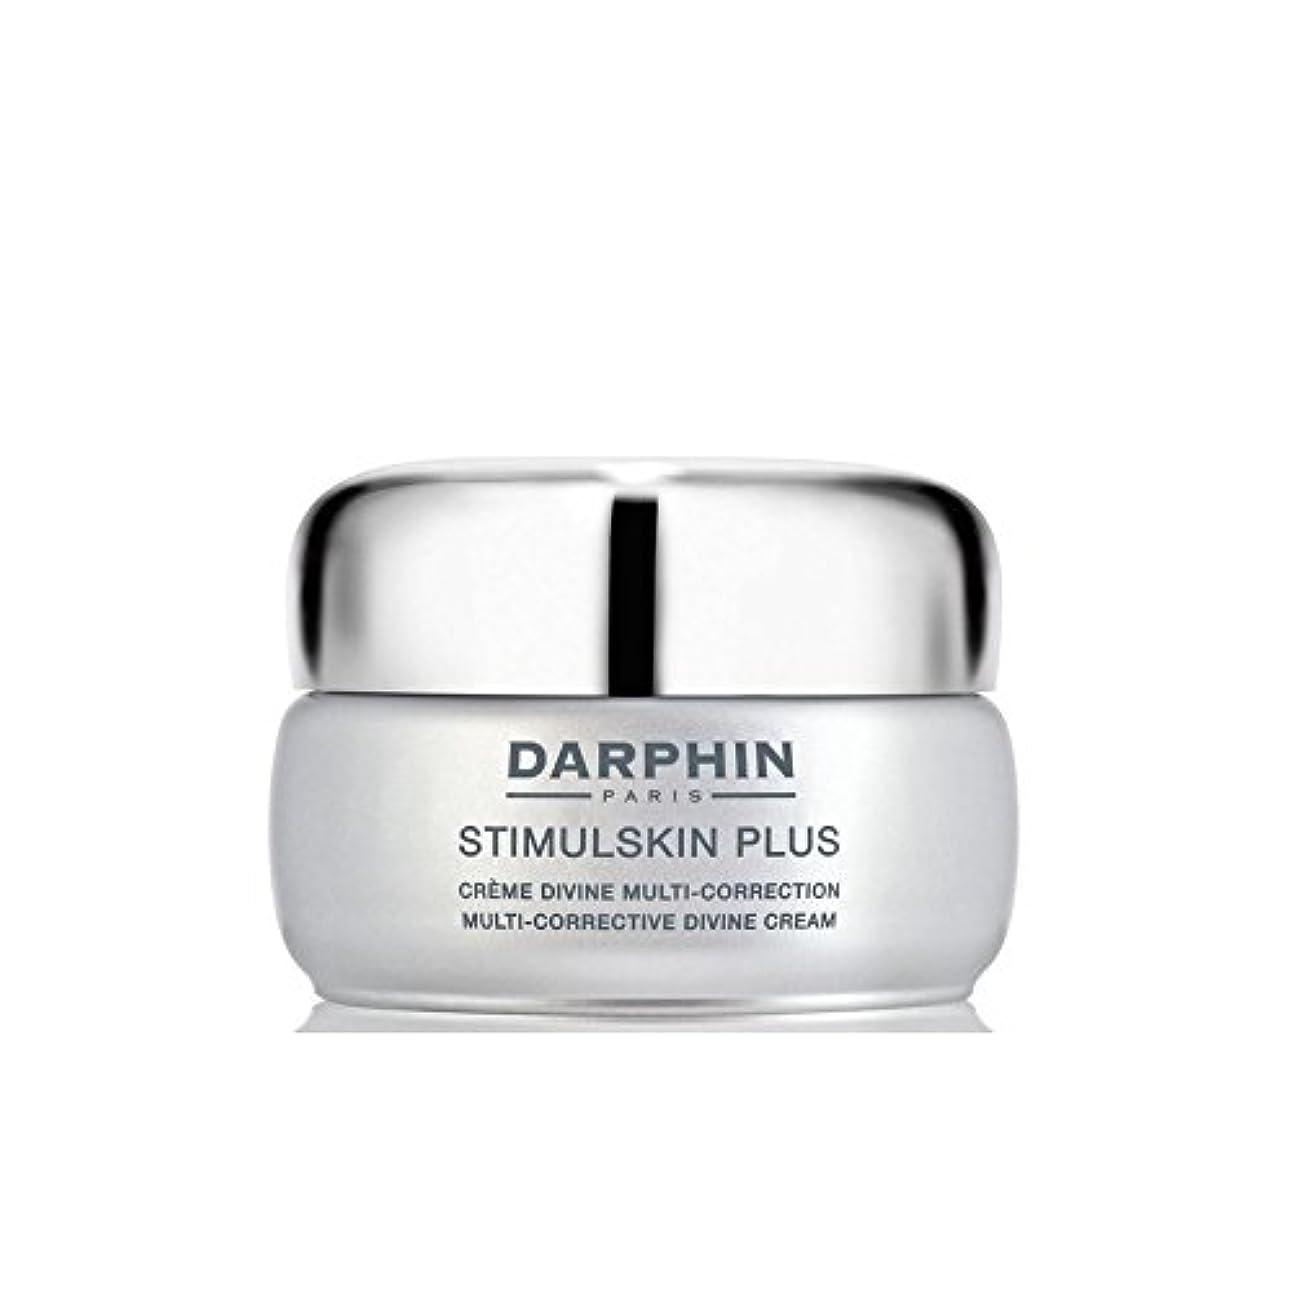 試みる新鮮なブルジョンダルファンスティプラスマルチ是正神クリーム - 豊富 x4 - Darphin Stimulskin Plus Multi-Corrective Divine Cream - Rich (Pack of 4) [並行輸入品]